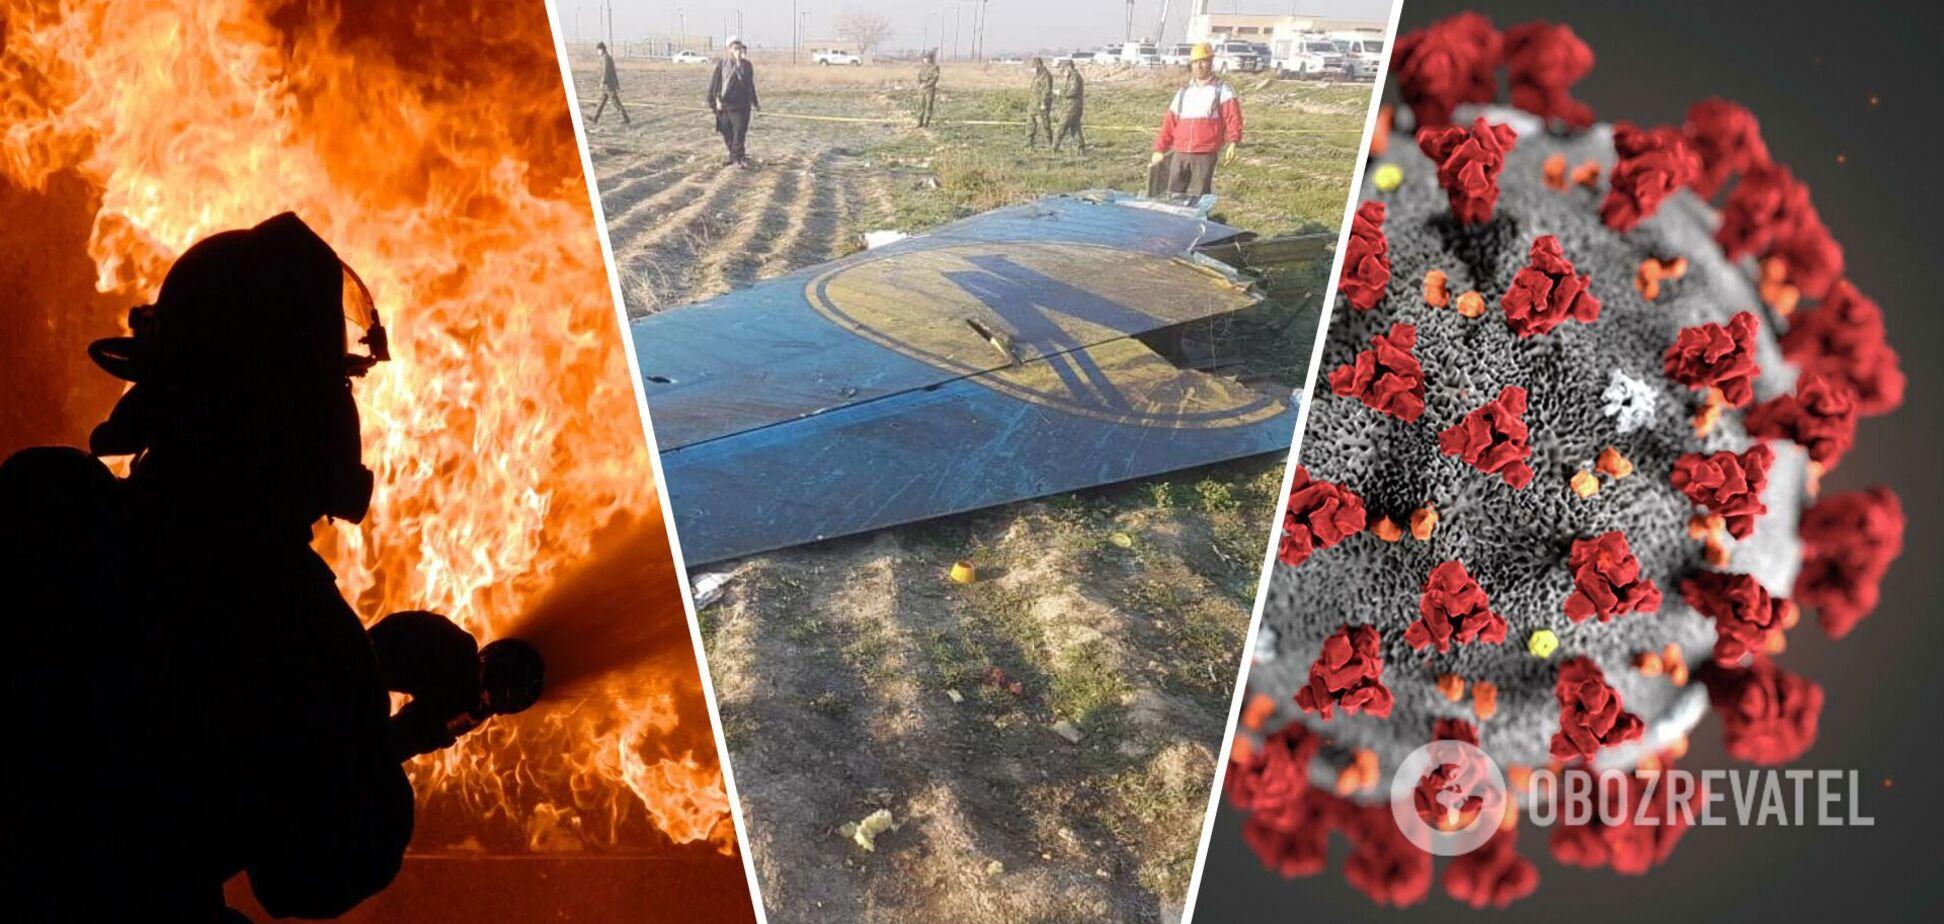 Авіакатастрофи, ринок землі і провал 'слуг': чим, крім COVID-19, запам'ятається 2020 рік в Україні